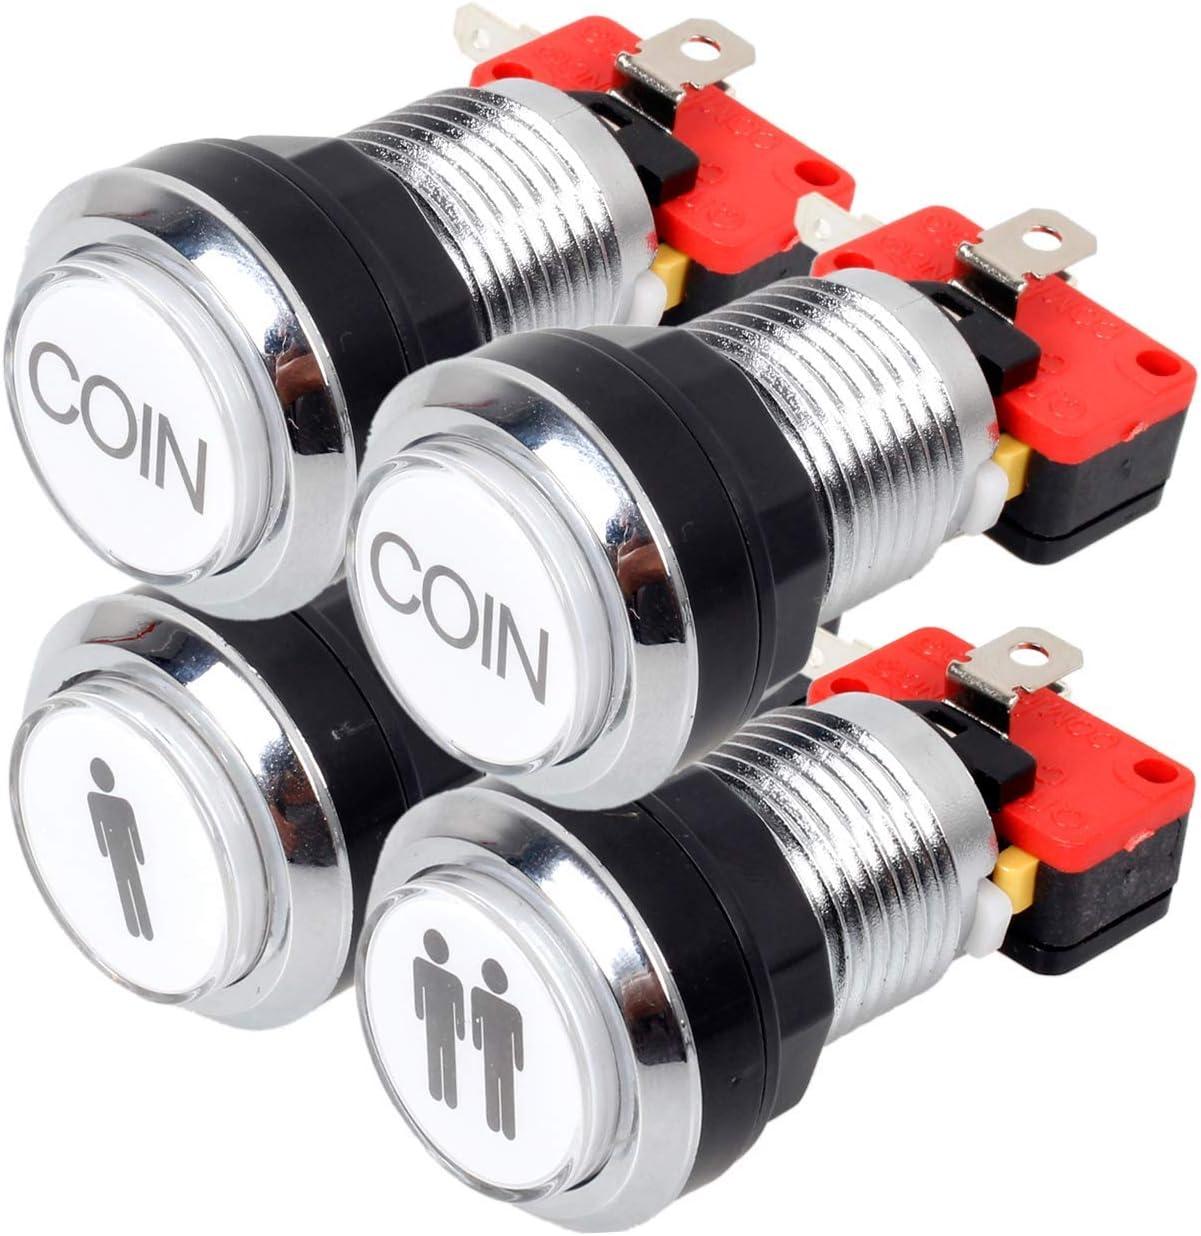 EG STARTS Arcade botones de cromo plateado 5V / 12V LED de un botón luminoso 1P / 2P jugador inicial botones / Coin 2x Botones de MAME / JAMMA / juegos de lucha / video juegos arcade de piezas del kit